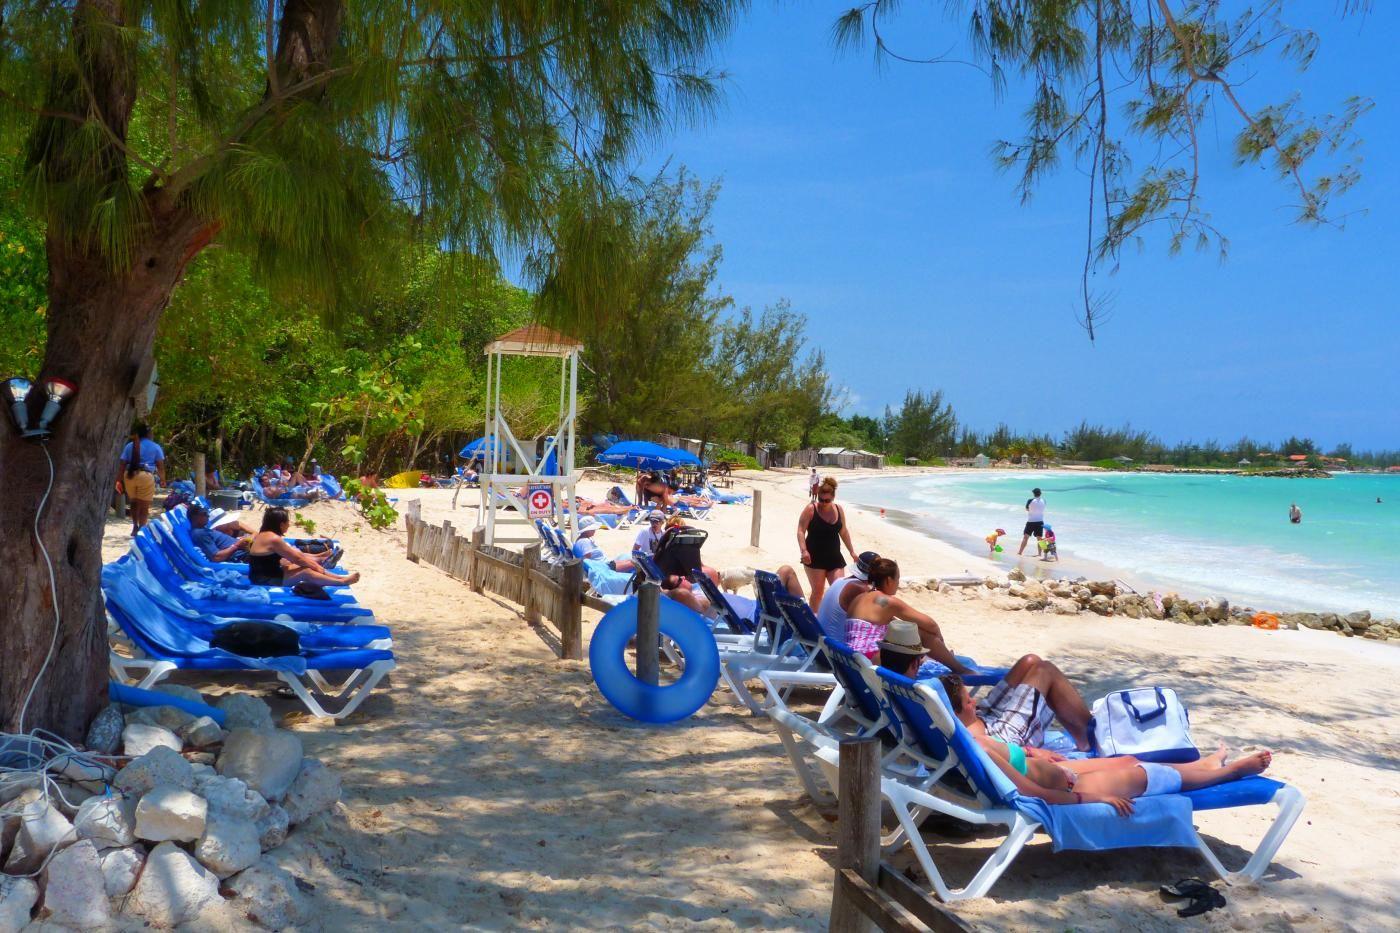 A Little Beach Time At Coconut Cove Beach In Amber Cove Dominican Republic Amber Cove